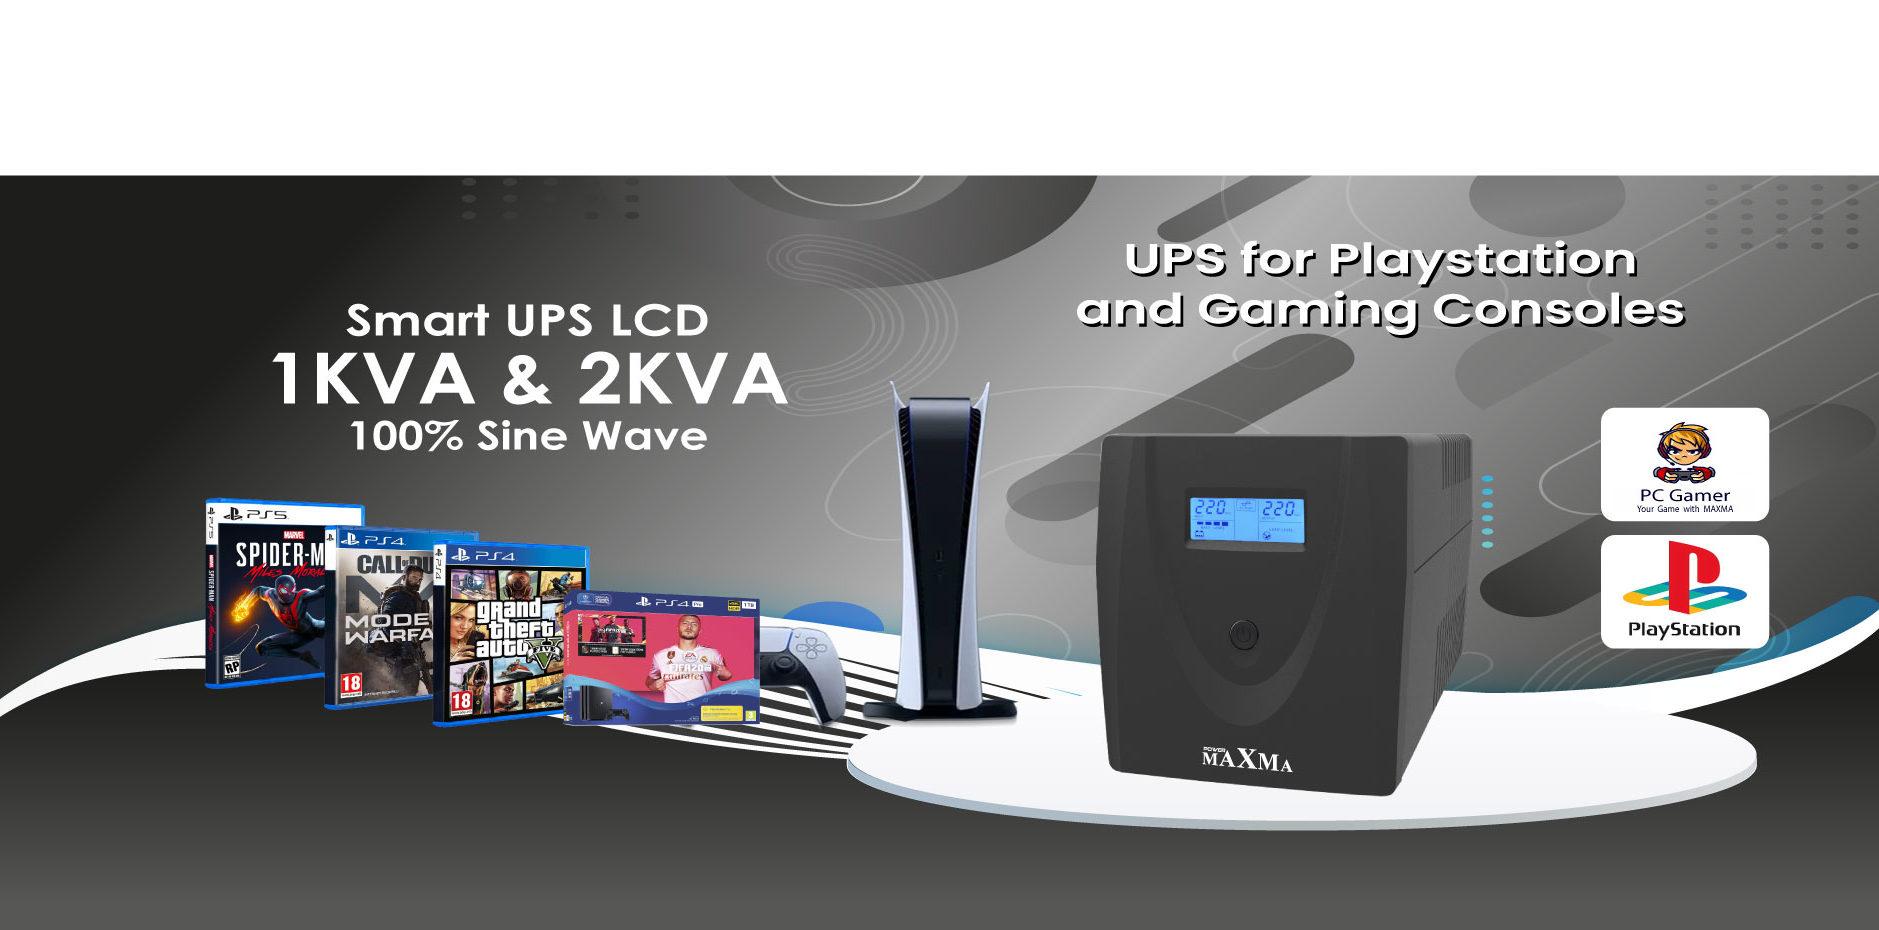 Maxma Gaming UPS